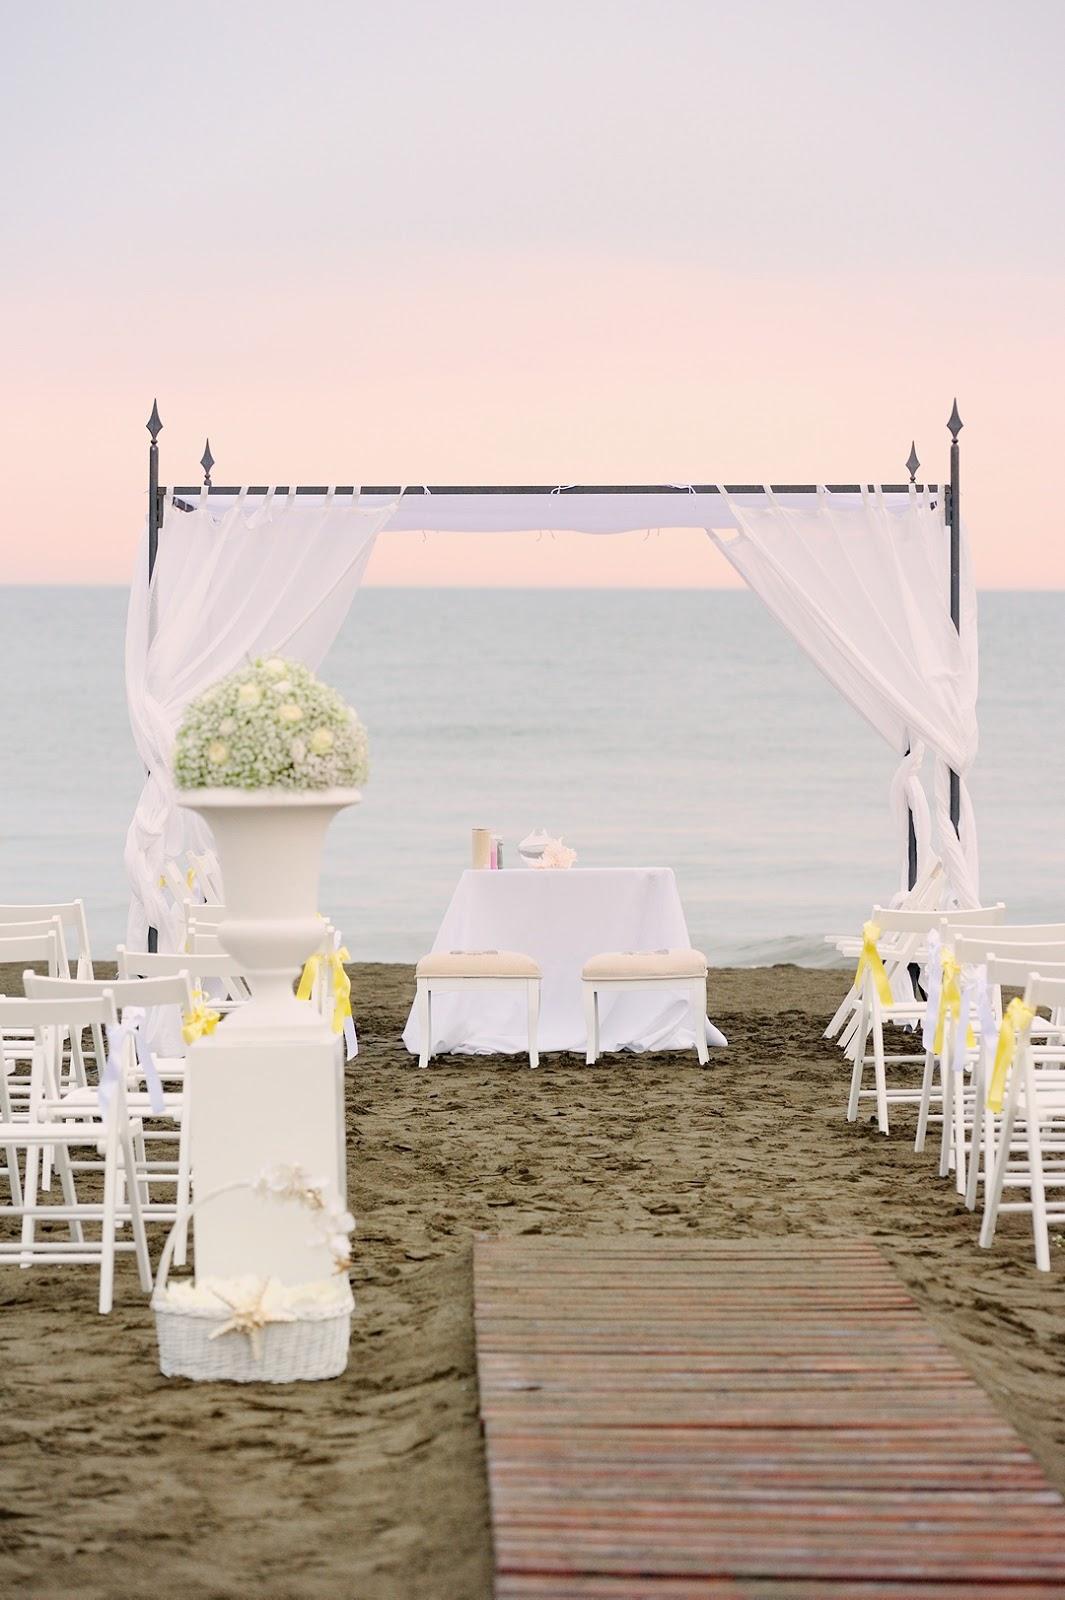 Matrimonio Spiaggia Ostuni : Matrimonio in spiaggia sotto l